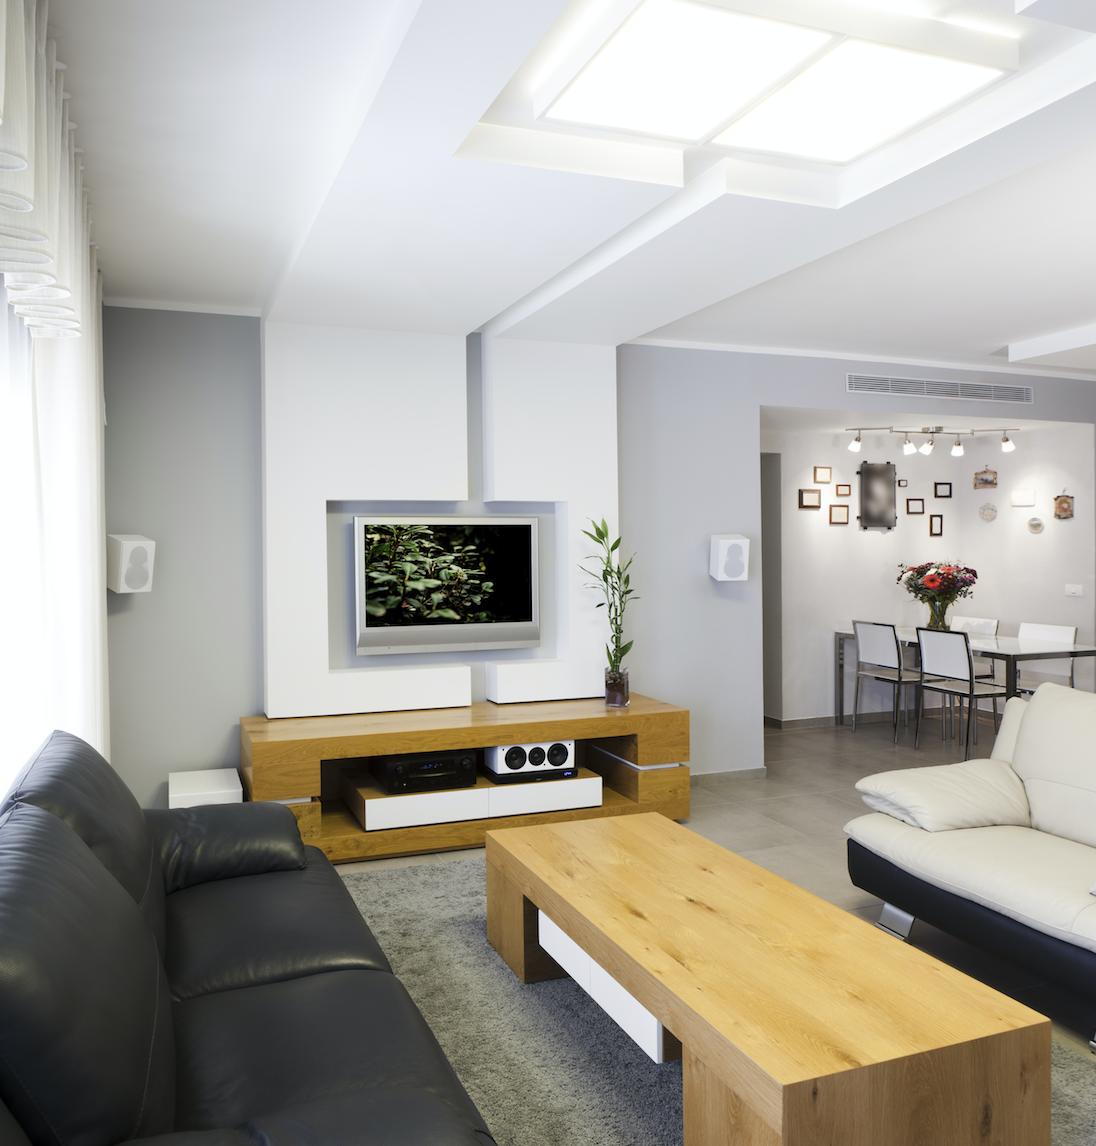 Nueve consejos para decorar en espacios pequeños